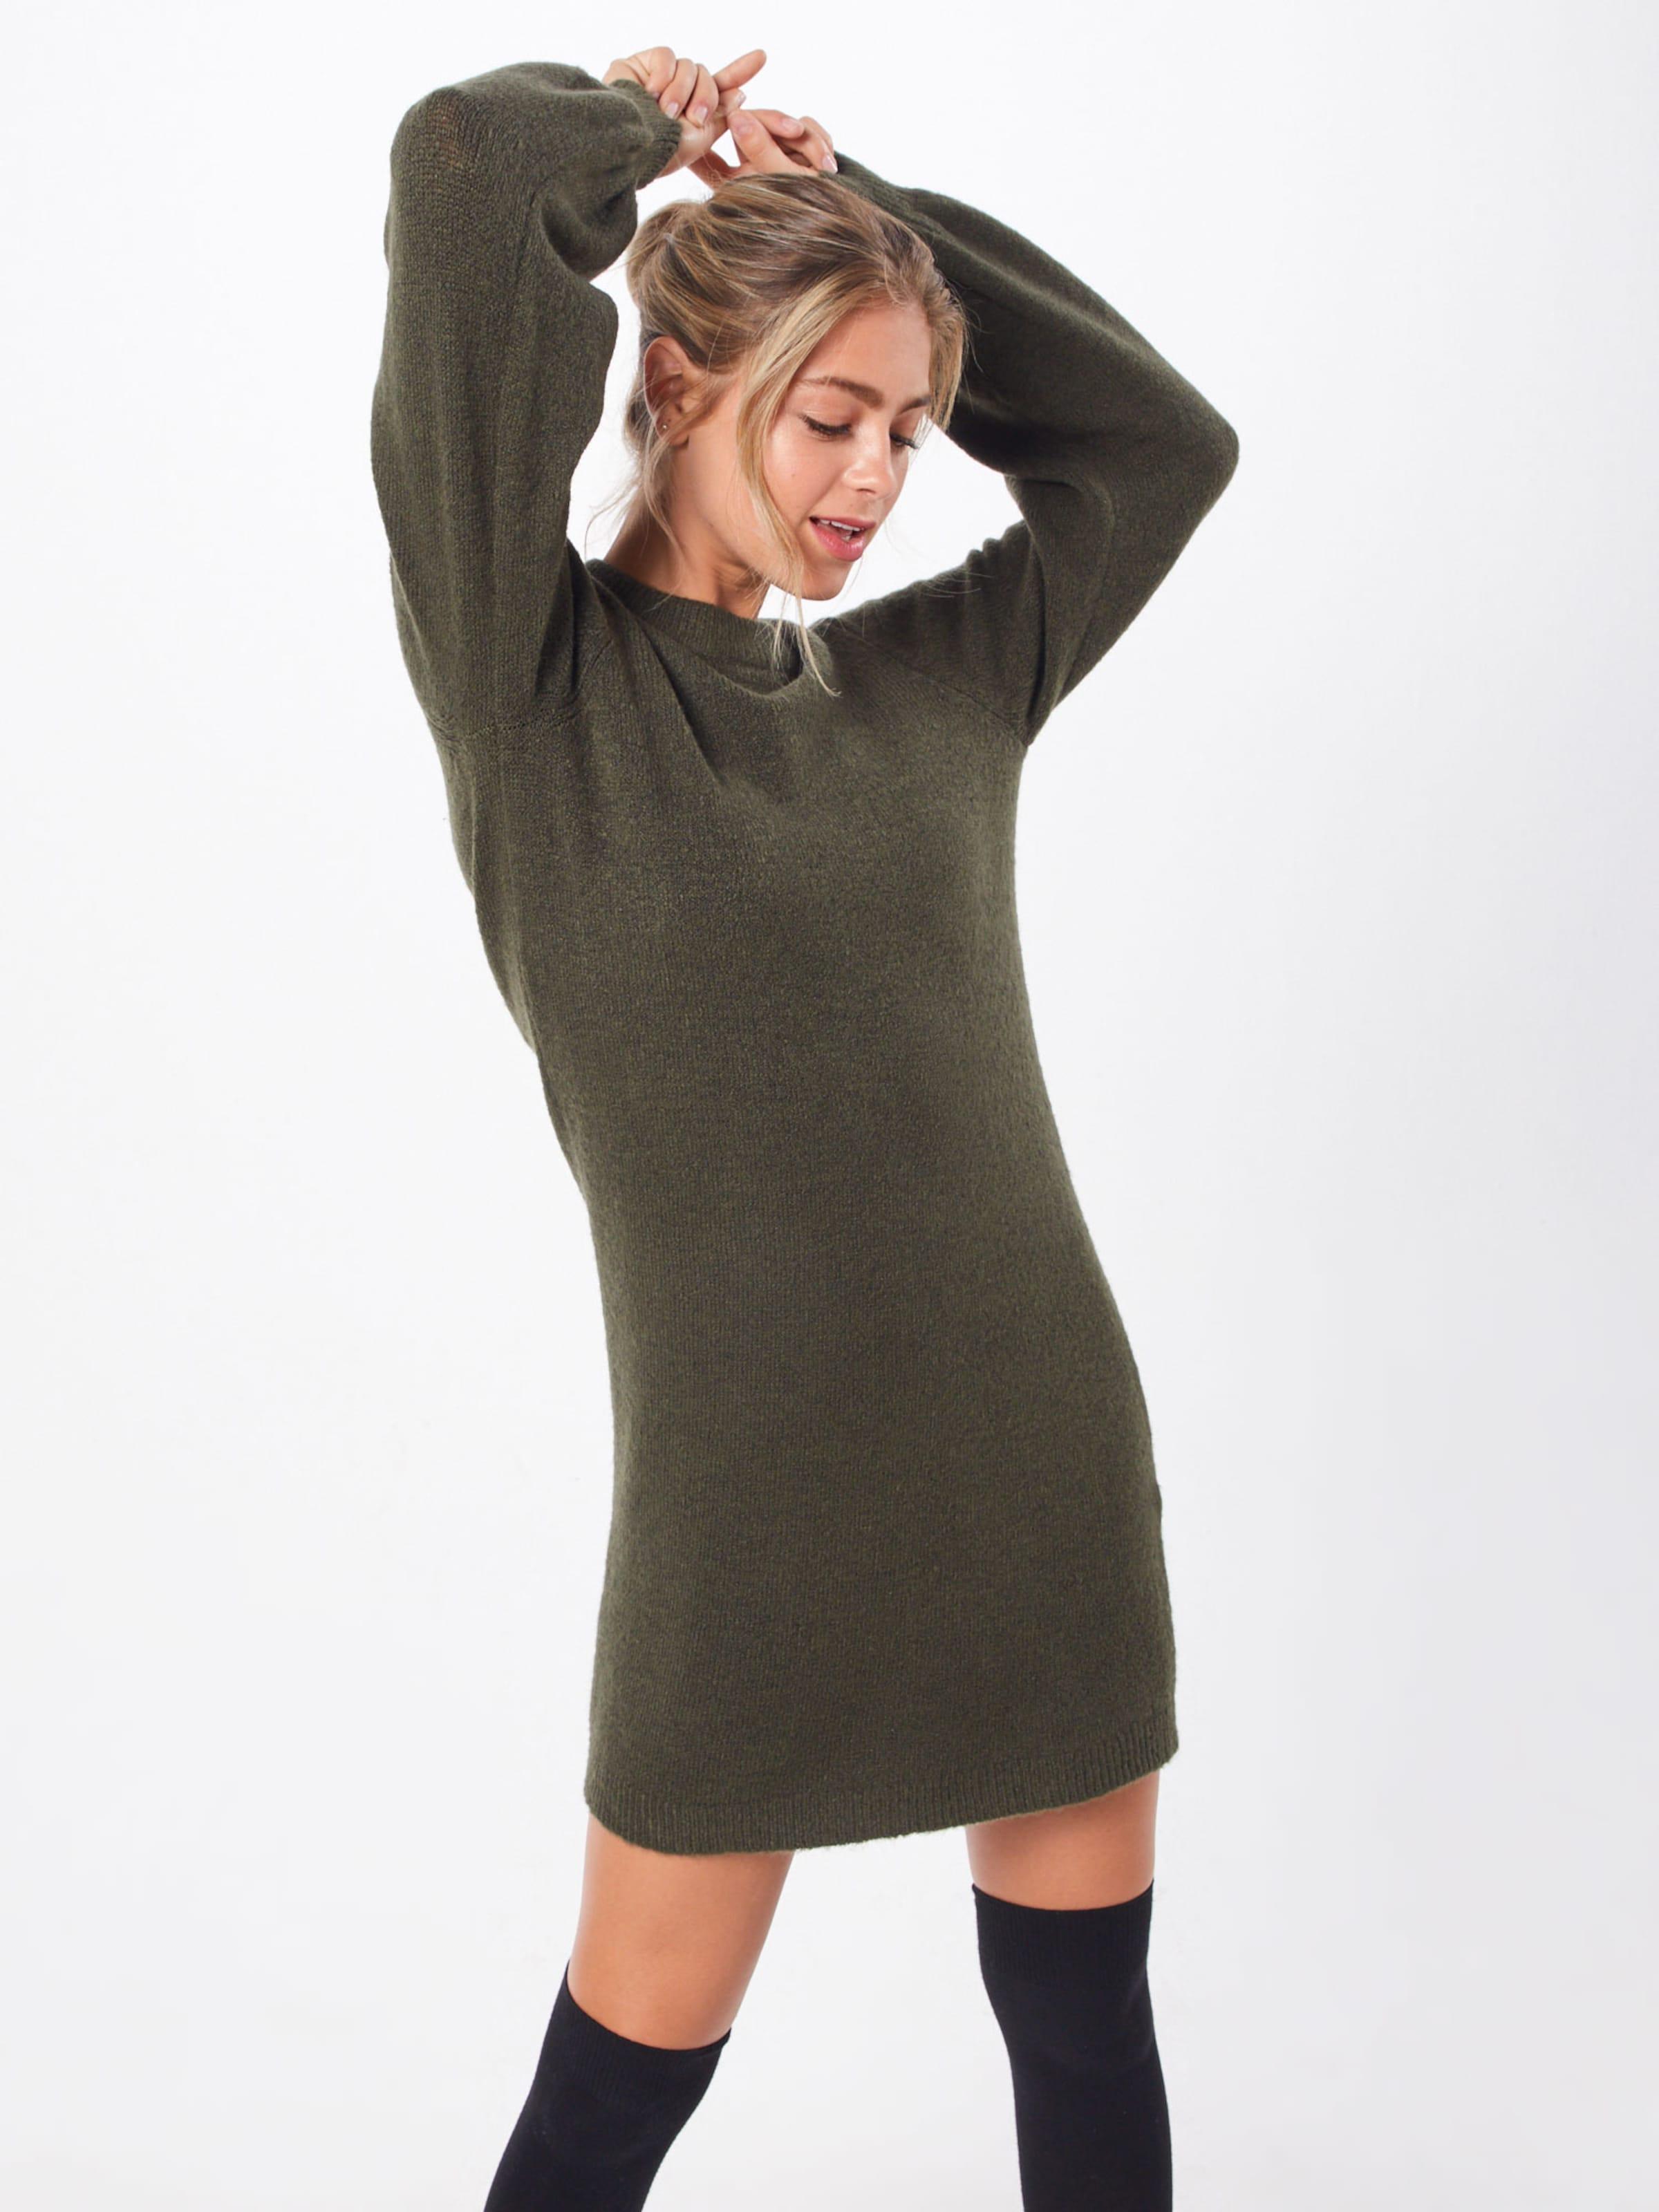 Knit Kleid 'objeve Nonsia L s Dunkelgrün In Object Dress Noos' shdCtQr